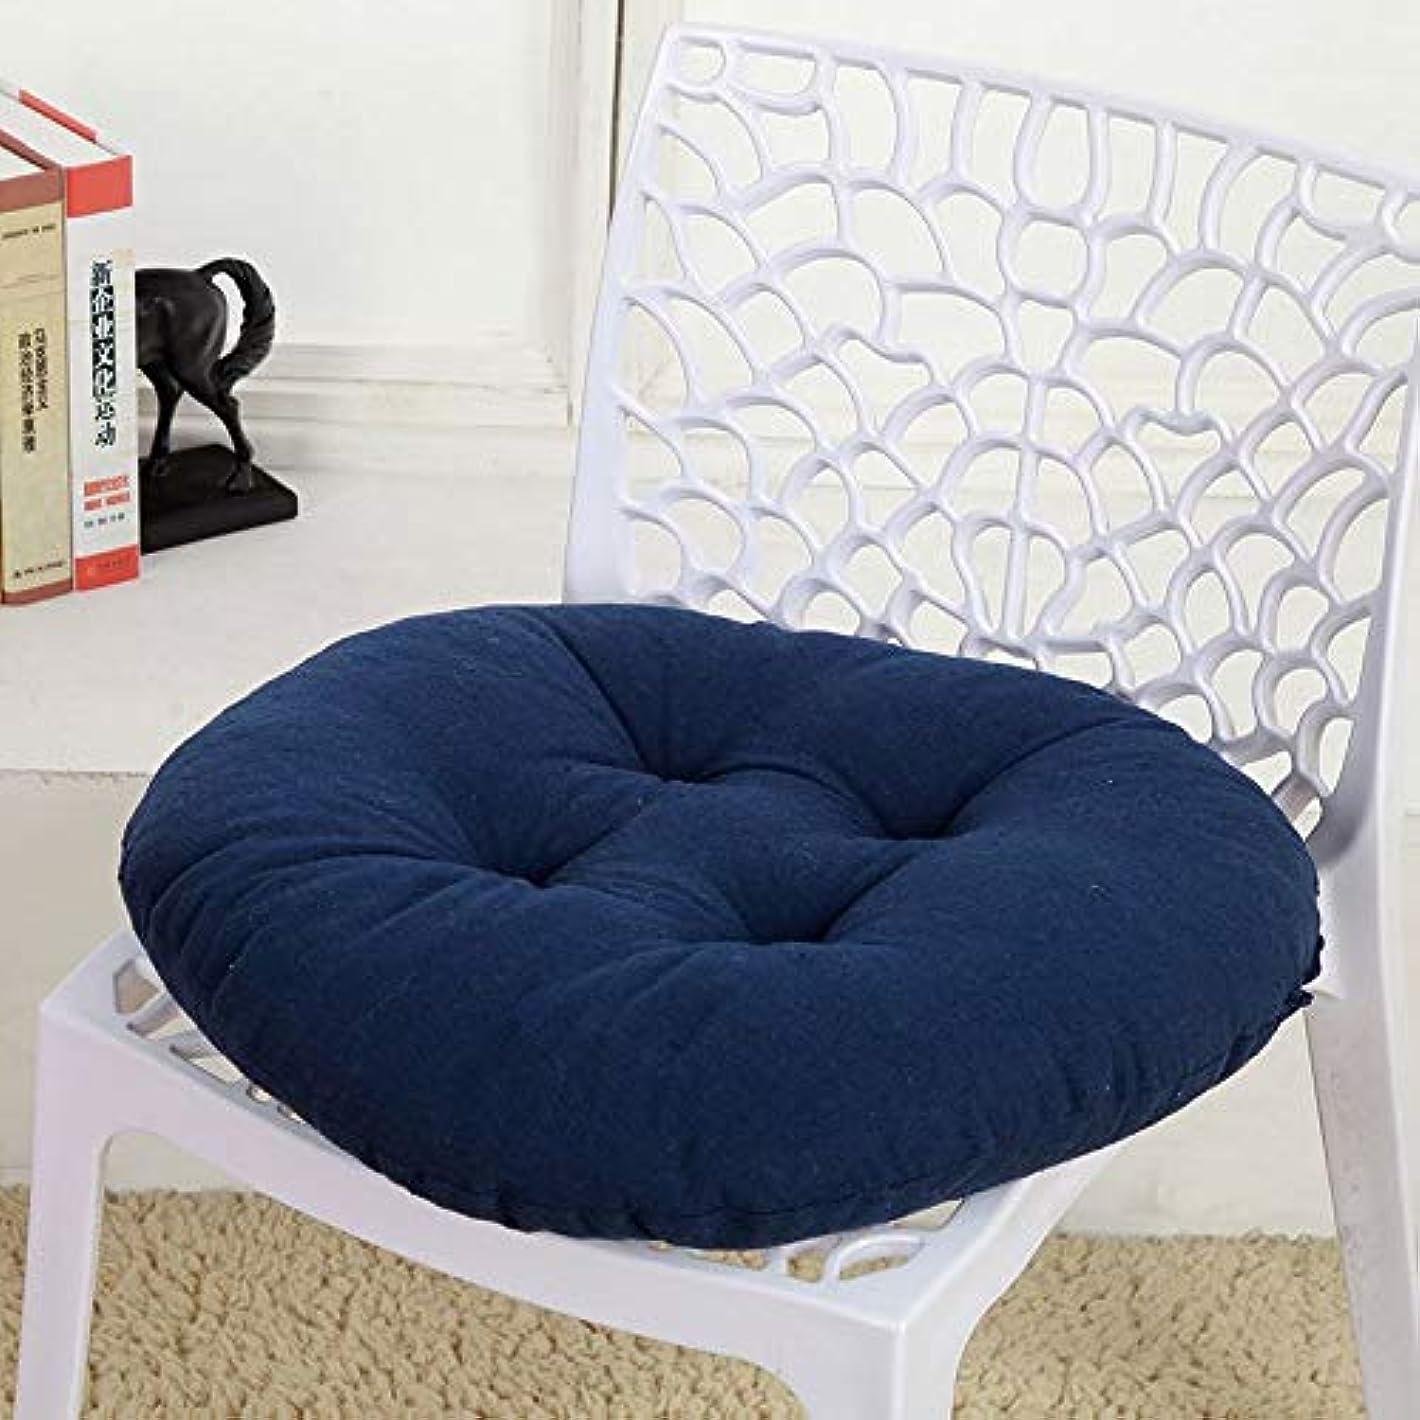 合理的ジャンプトレーダーLIFE キャンディカラーのクッションラウンドシートクッション波ウィンドウシートクッションクッション家の装飾パッドラウンド枕シート枕椅子座る枕 クッション 椅子